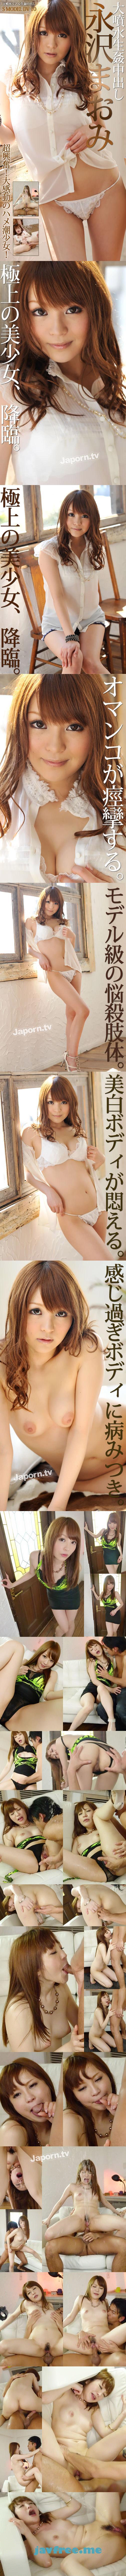 [SMDV 10] S Model DV 10 ~大噴水リアル生姦中出し~ : 永沢まおみ 永沢まおみ SMDV Maomi Nagasawa